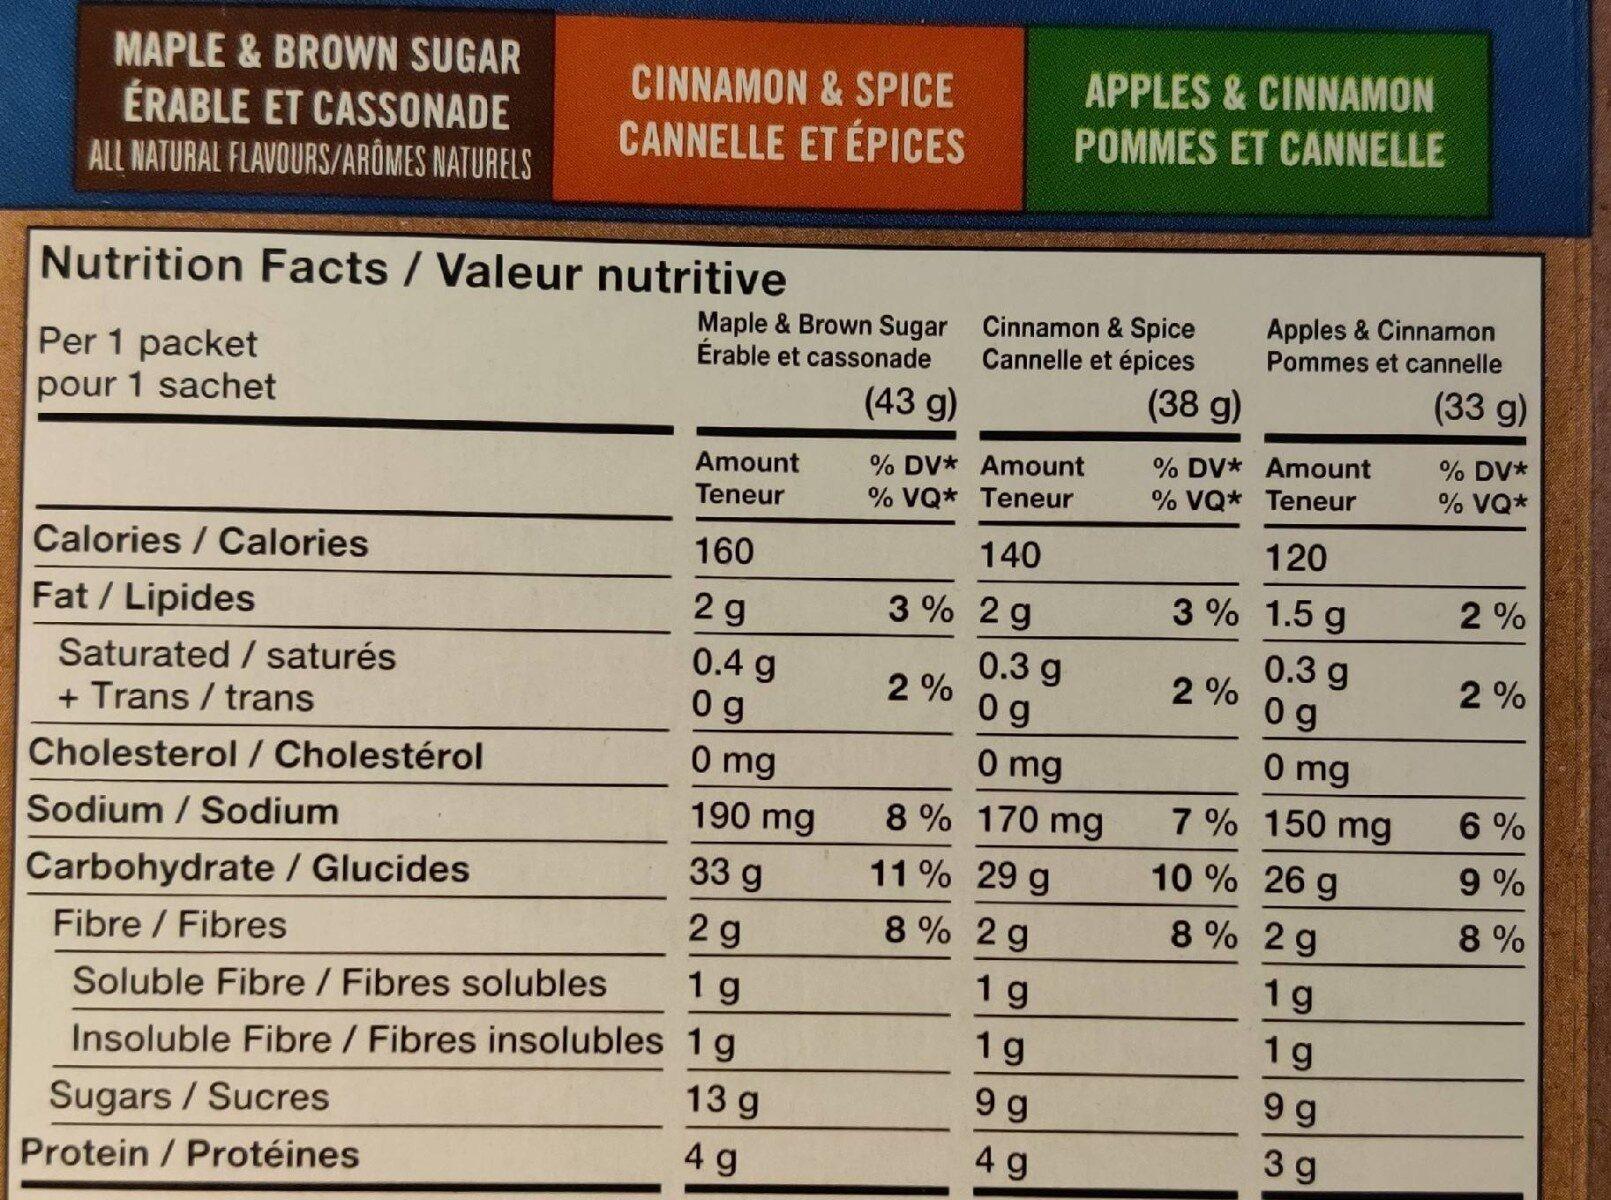 Gruau instantané - Maple & Brown Sugar - Nutrition facts - de